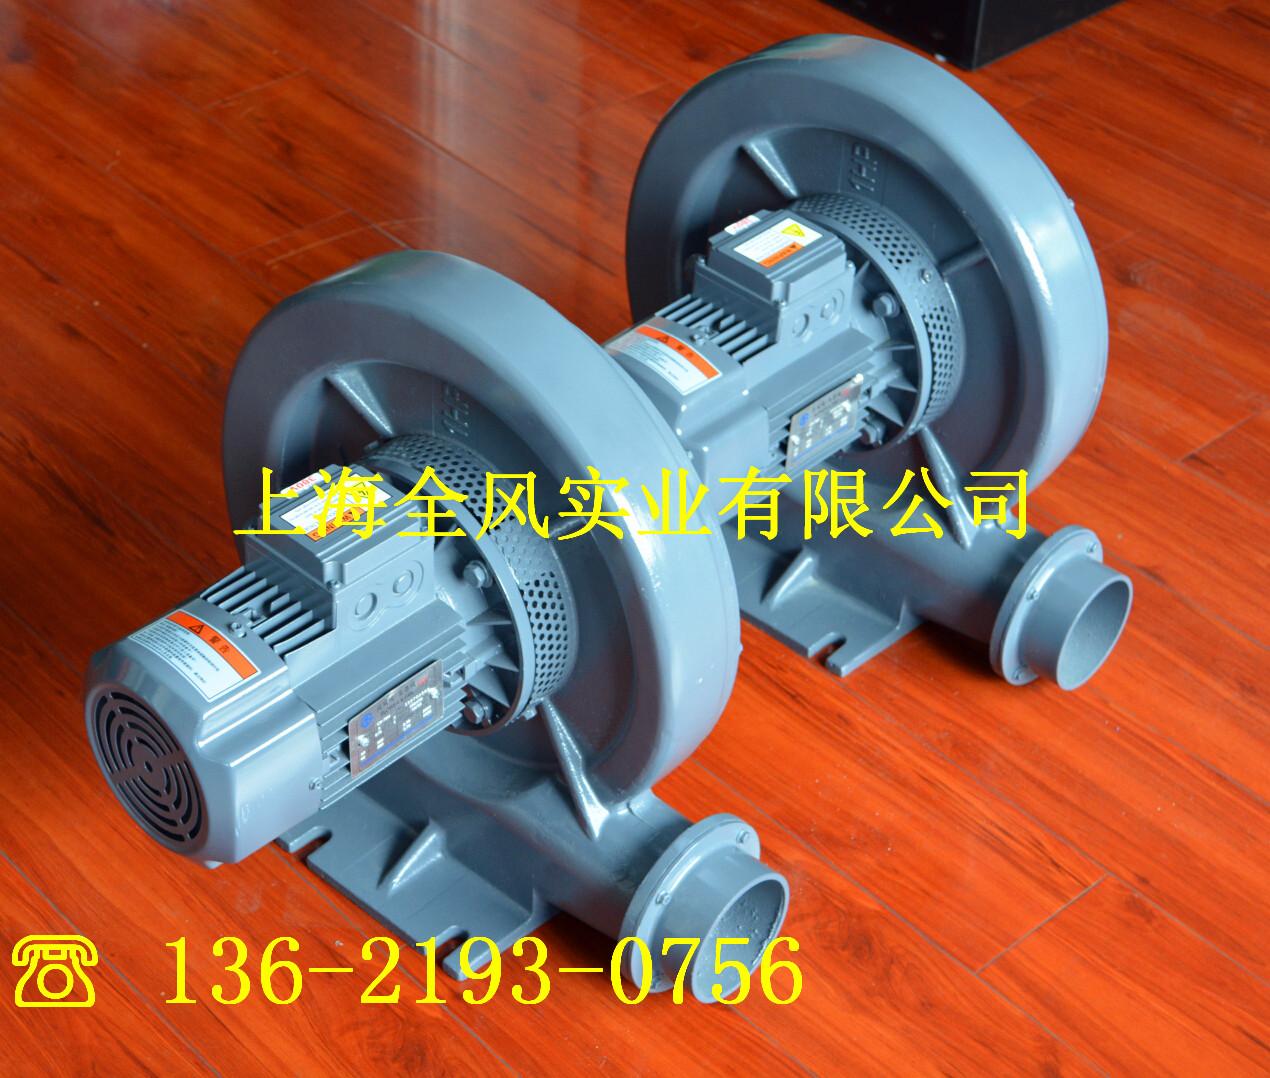 燃高壓風機用于小型燃燒爐,熱風爐,高爐,高壓加熱爐等.   管道式